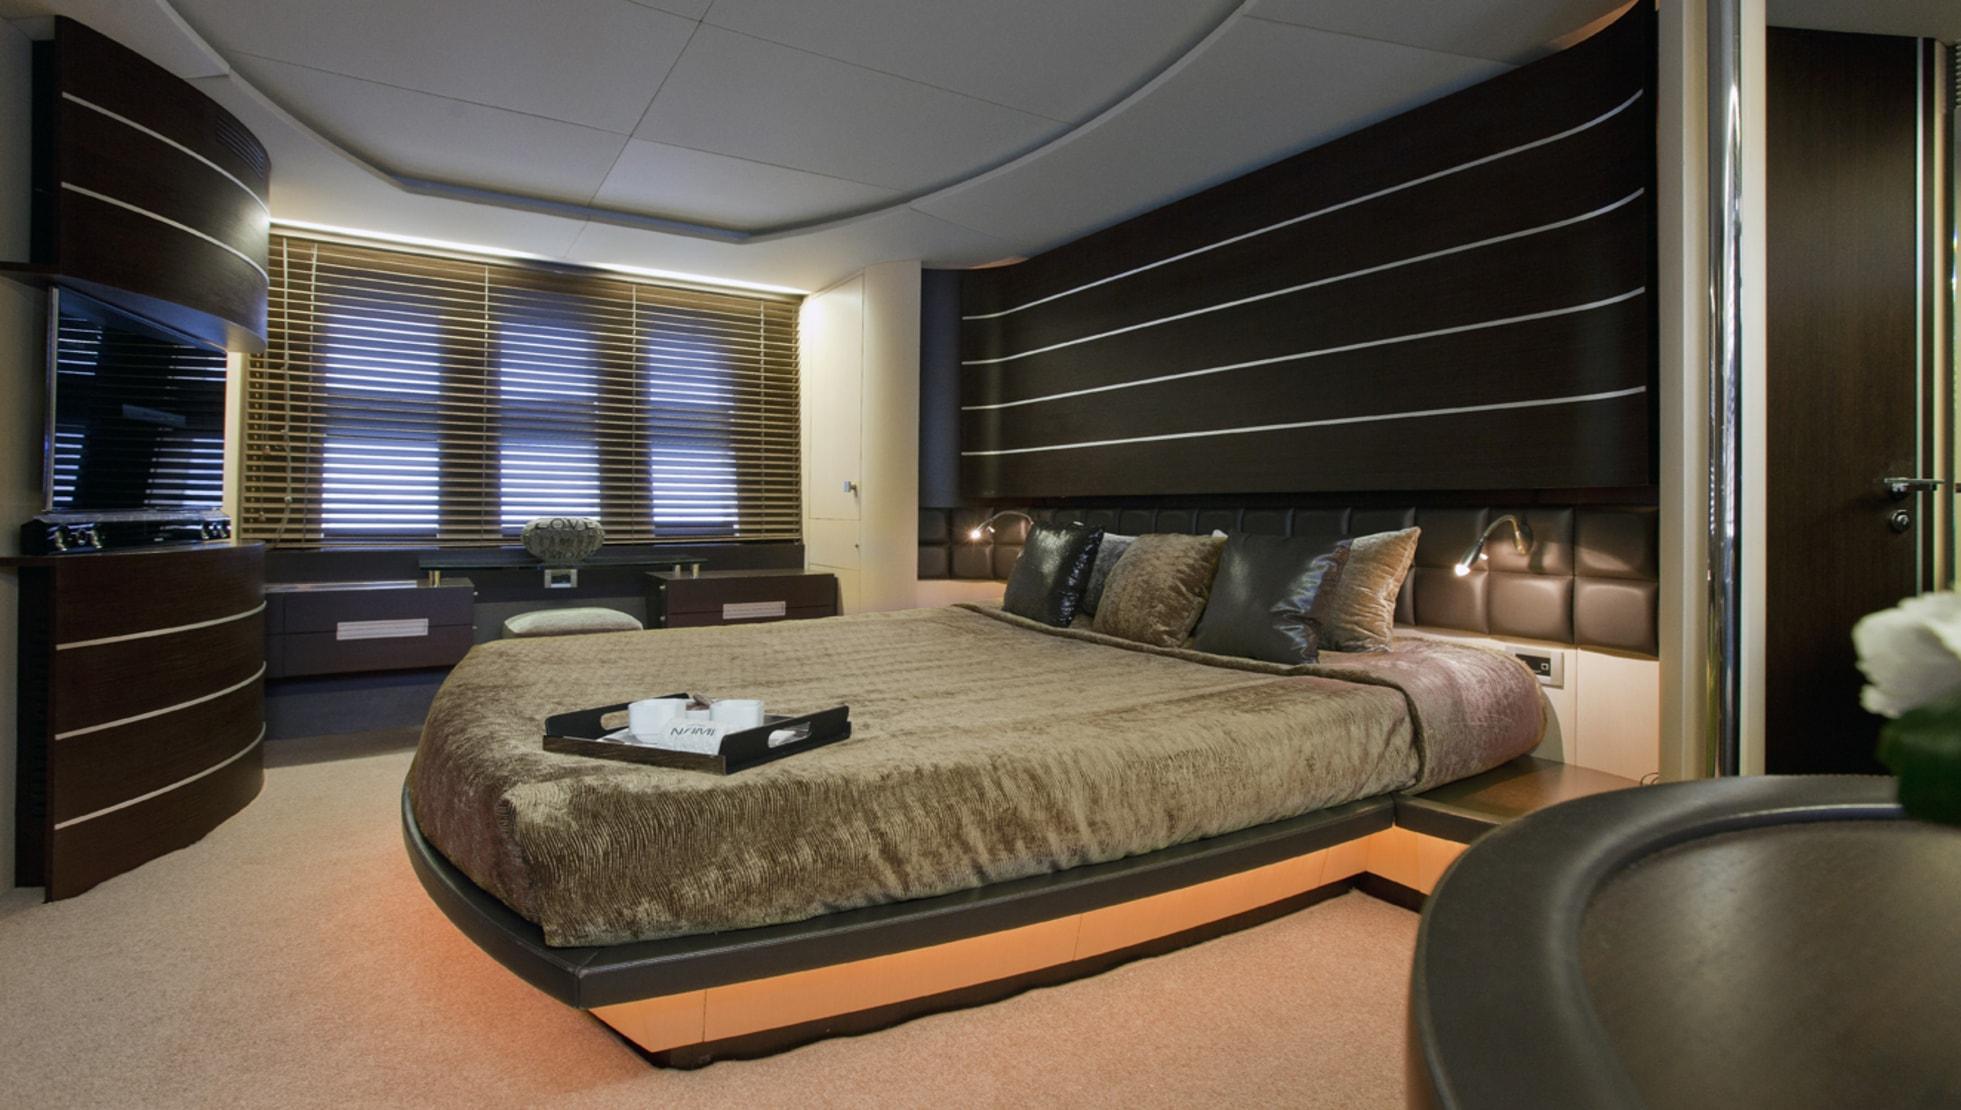 Master suite is full-beam